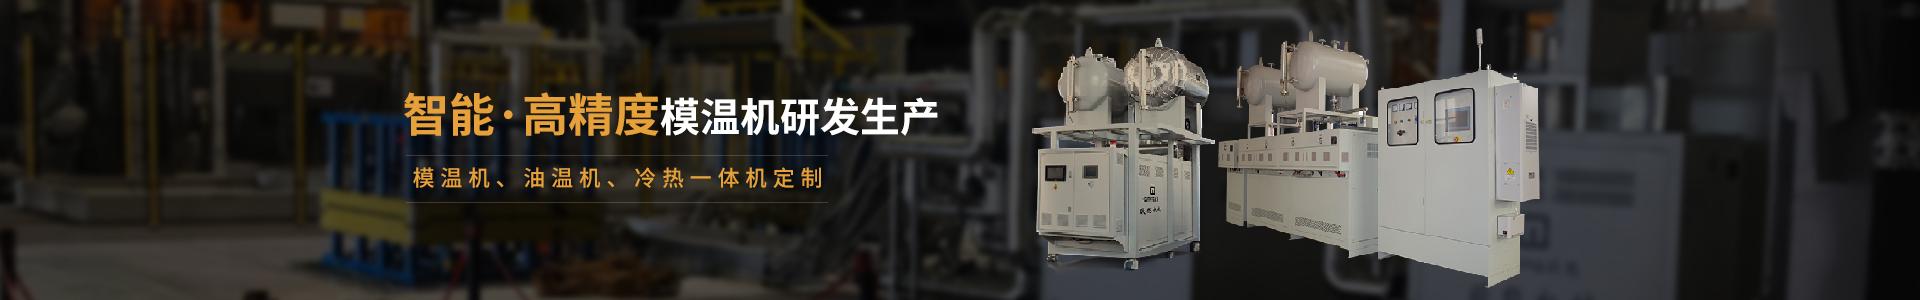 智能·高精度模温机研发生产,模温机、油温机、冷热一体机定制